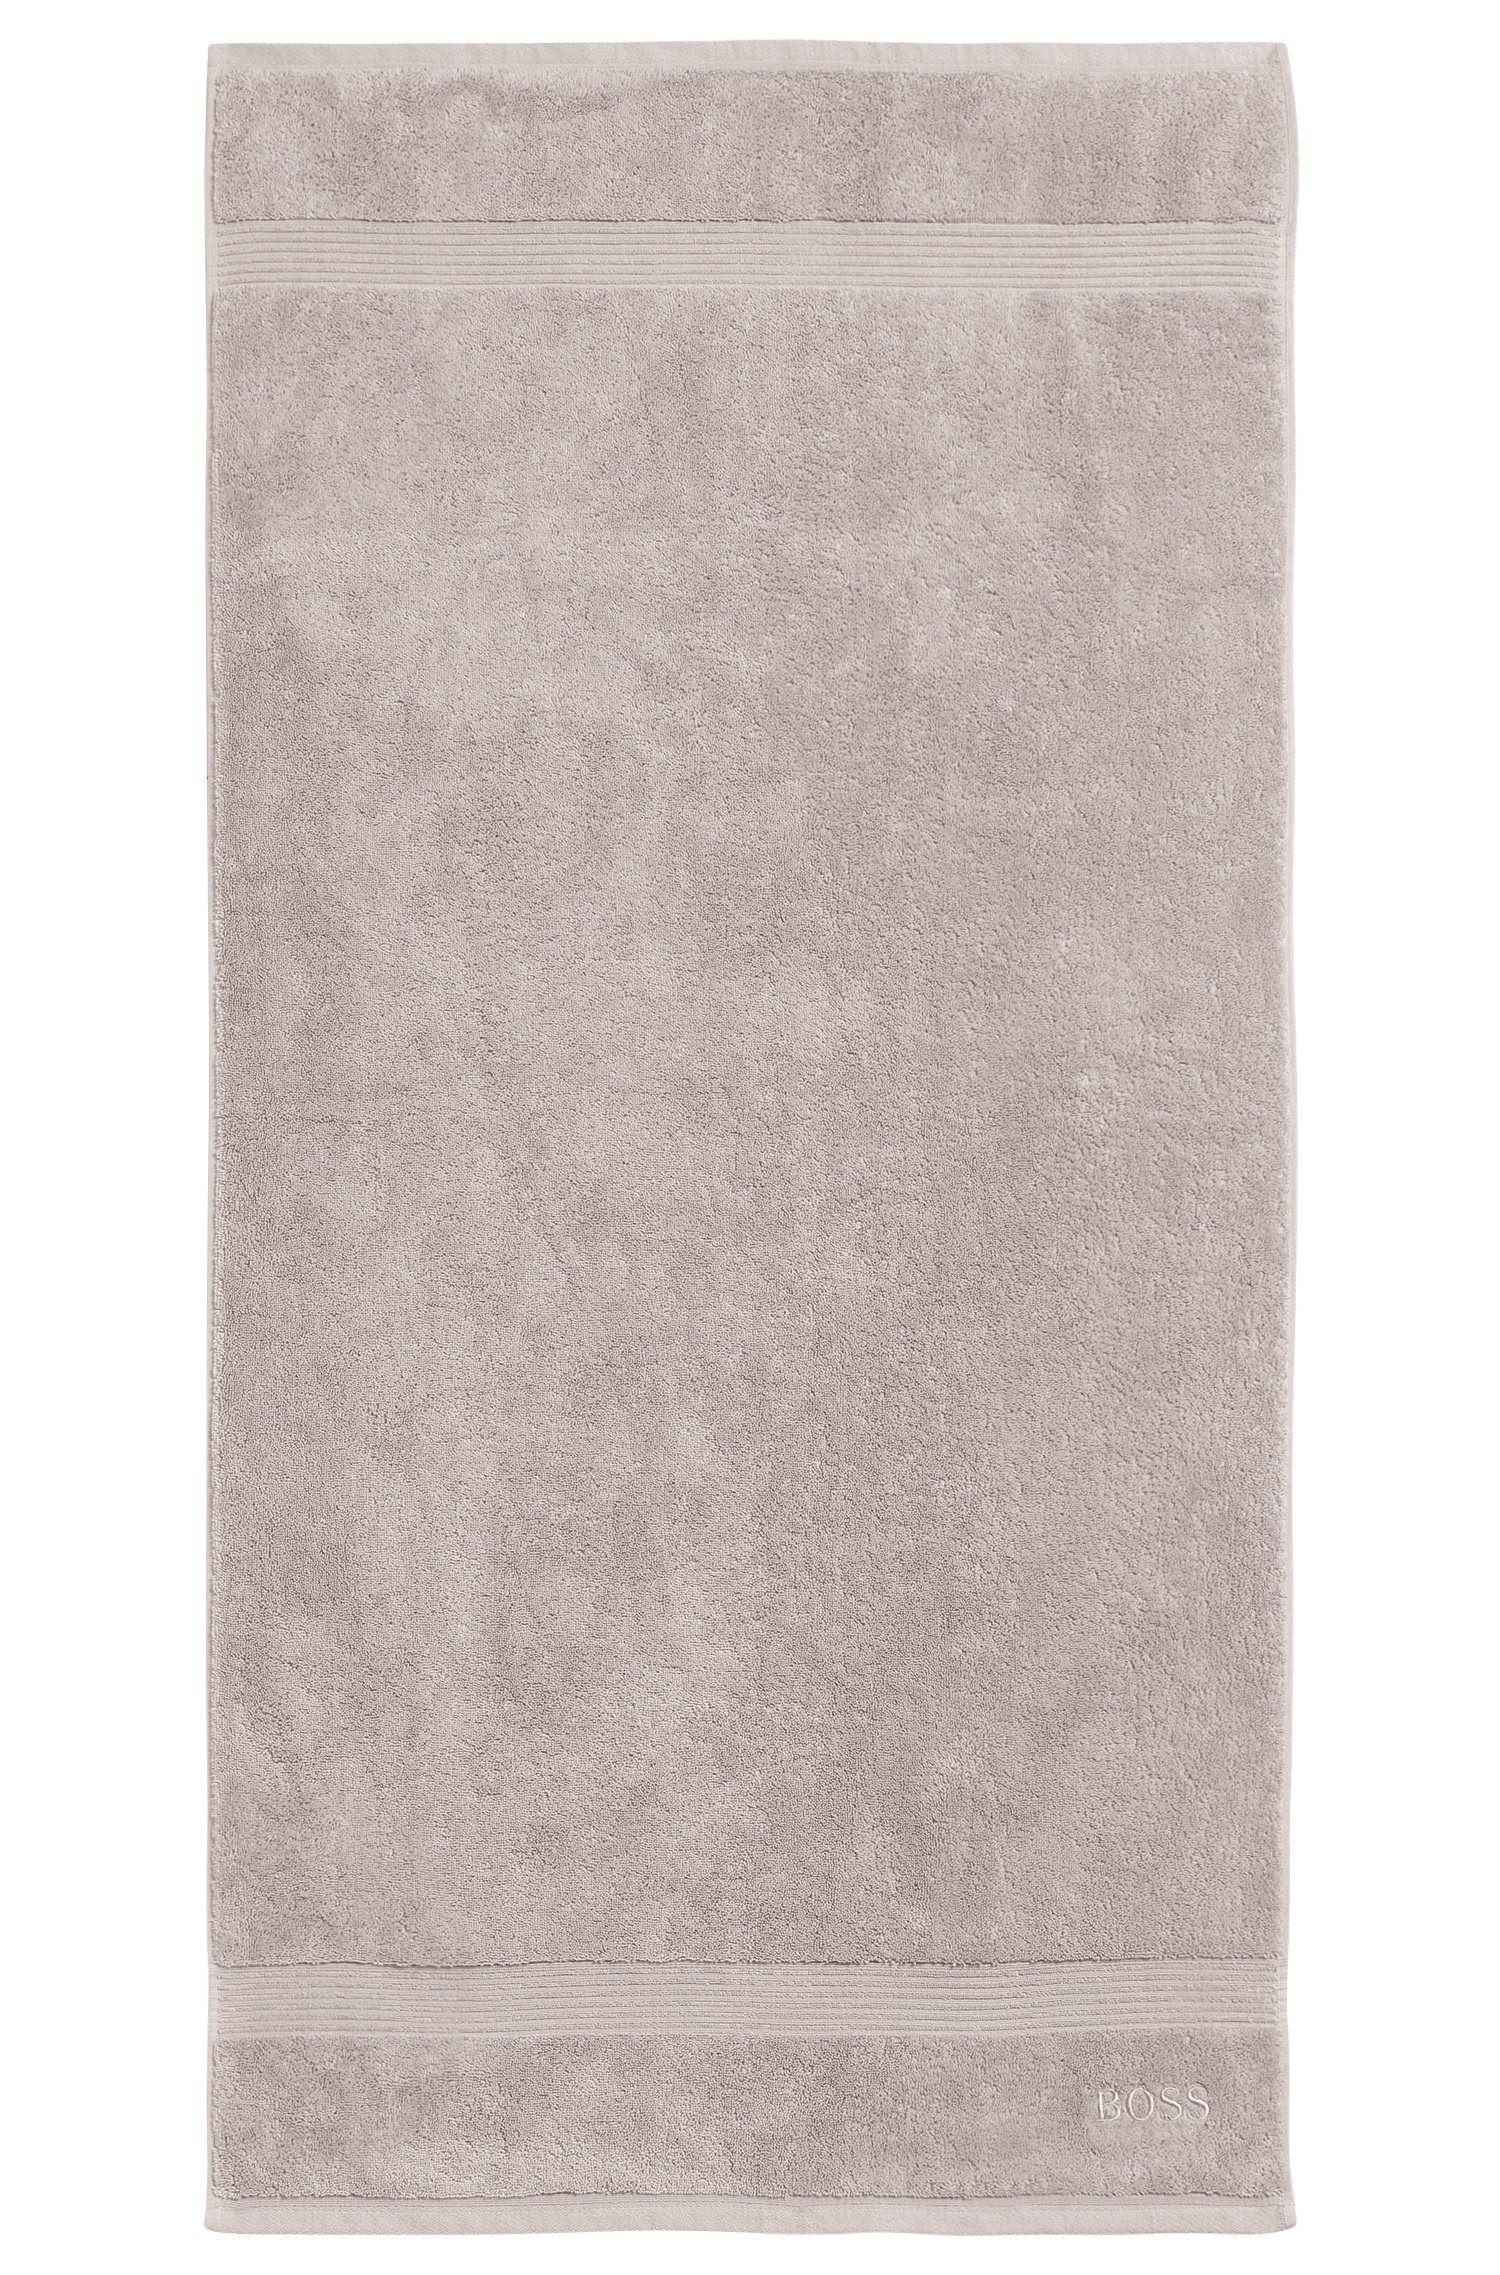 Badhanddoek van gekamde Egeïsche katoen met geribde rand, Lichtbeige